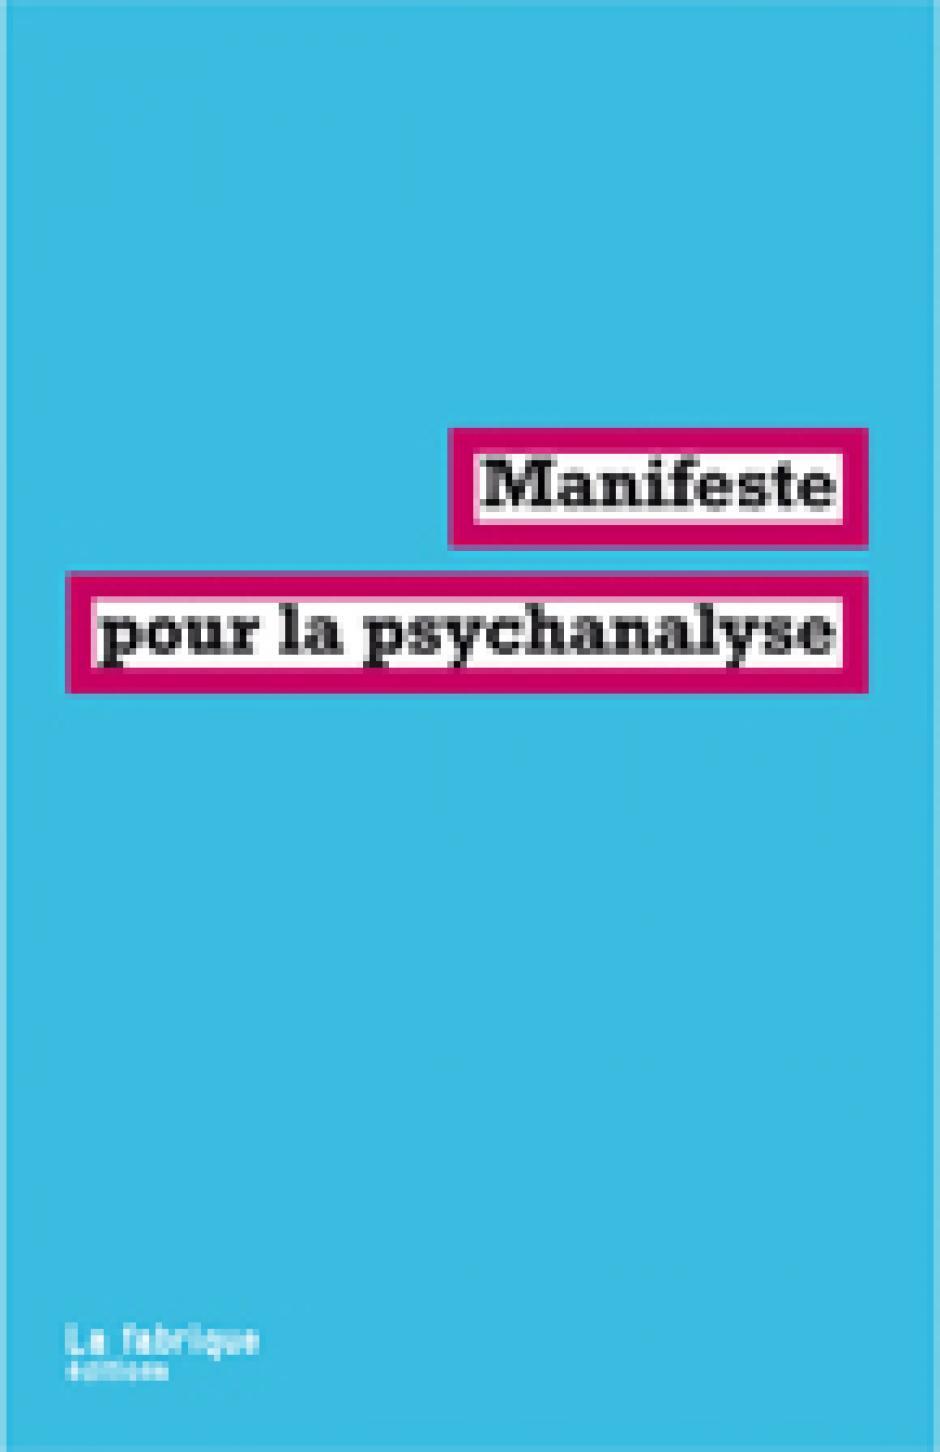 Manifeste pour la psychanalyse La Fabrique, 2010 Sophie Aouillé, Pierre Bruno, Franck Chaumon, Michel Plon et Erik Porge